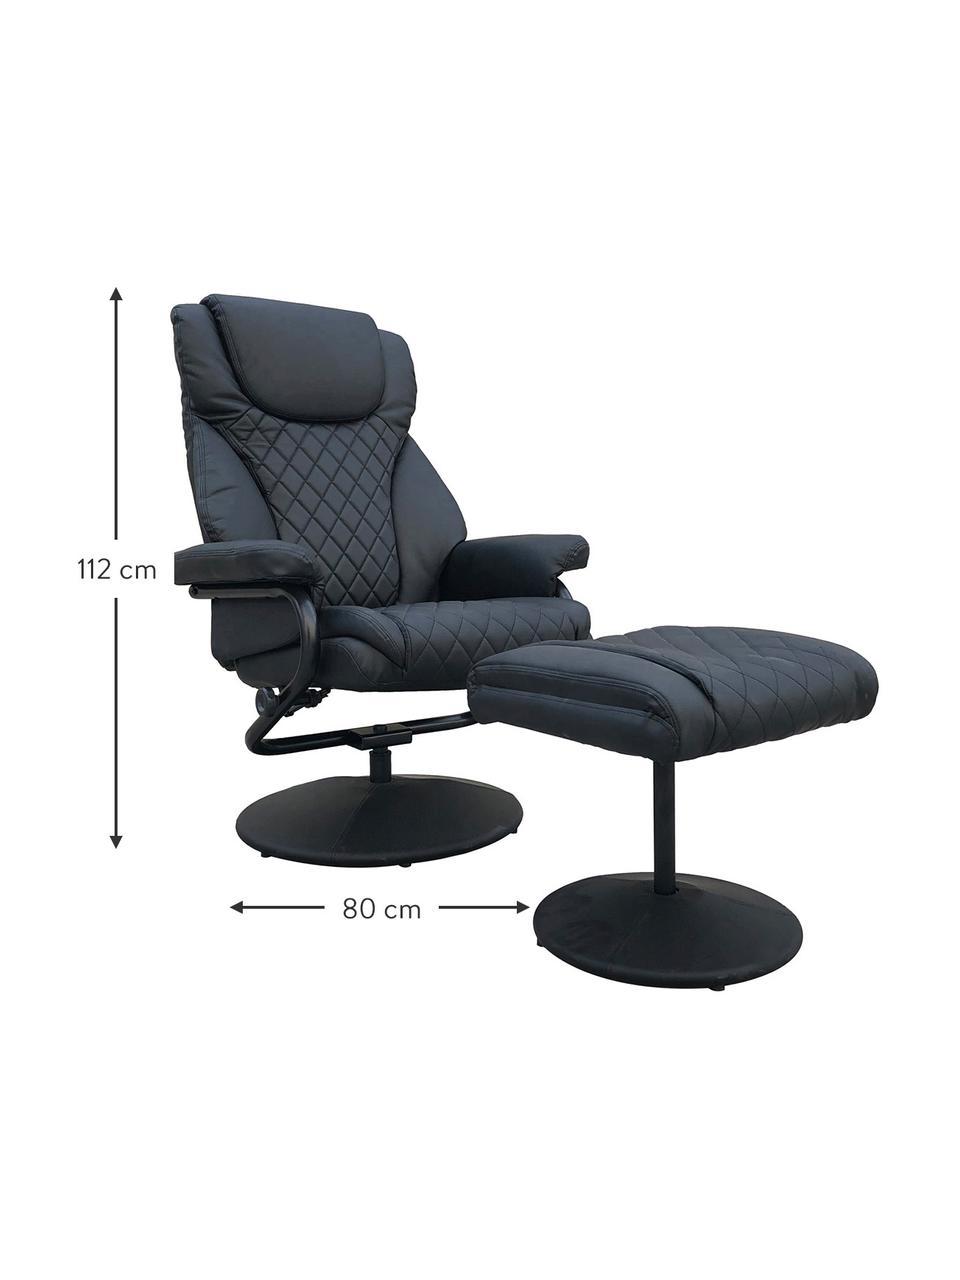 Sillón reclinable con reposapiés Relax, Tapizado: piel sintética, Negro, An 80 x Al 112 cm